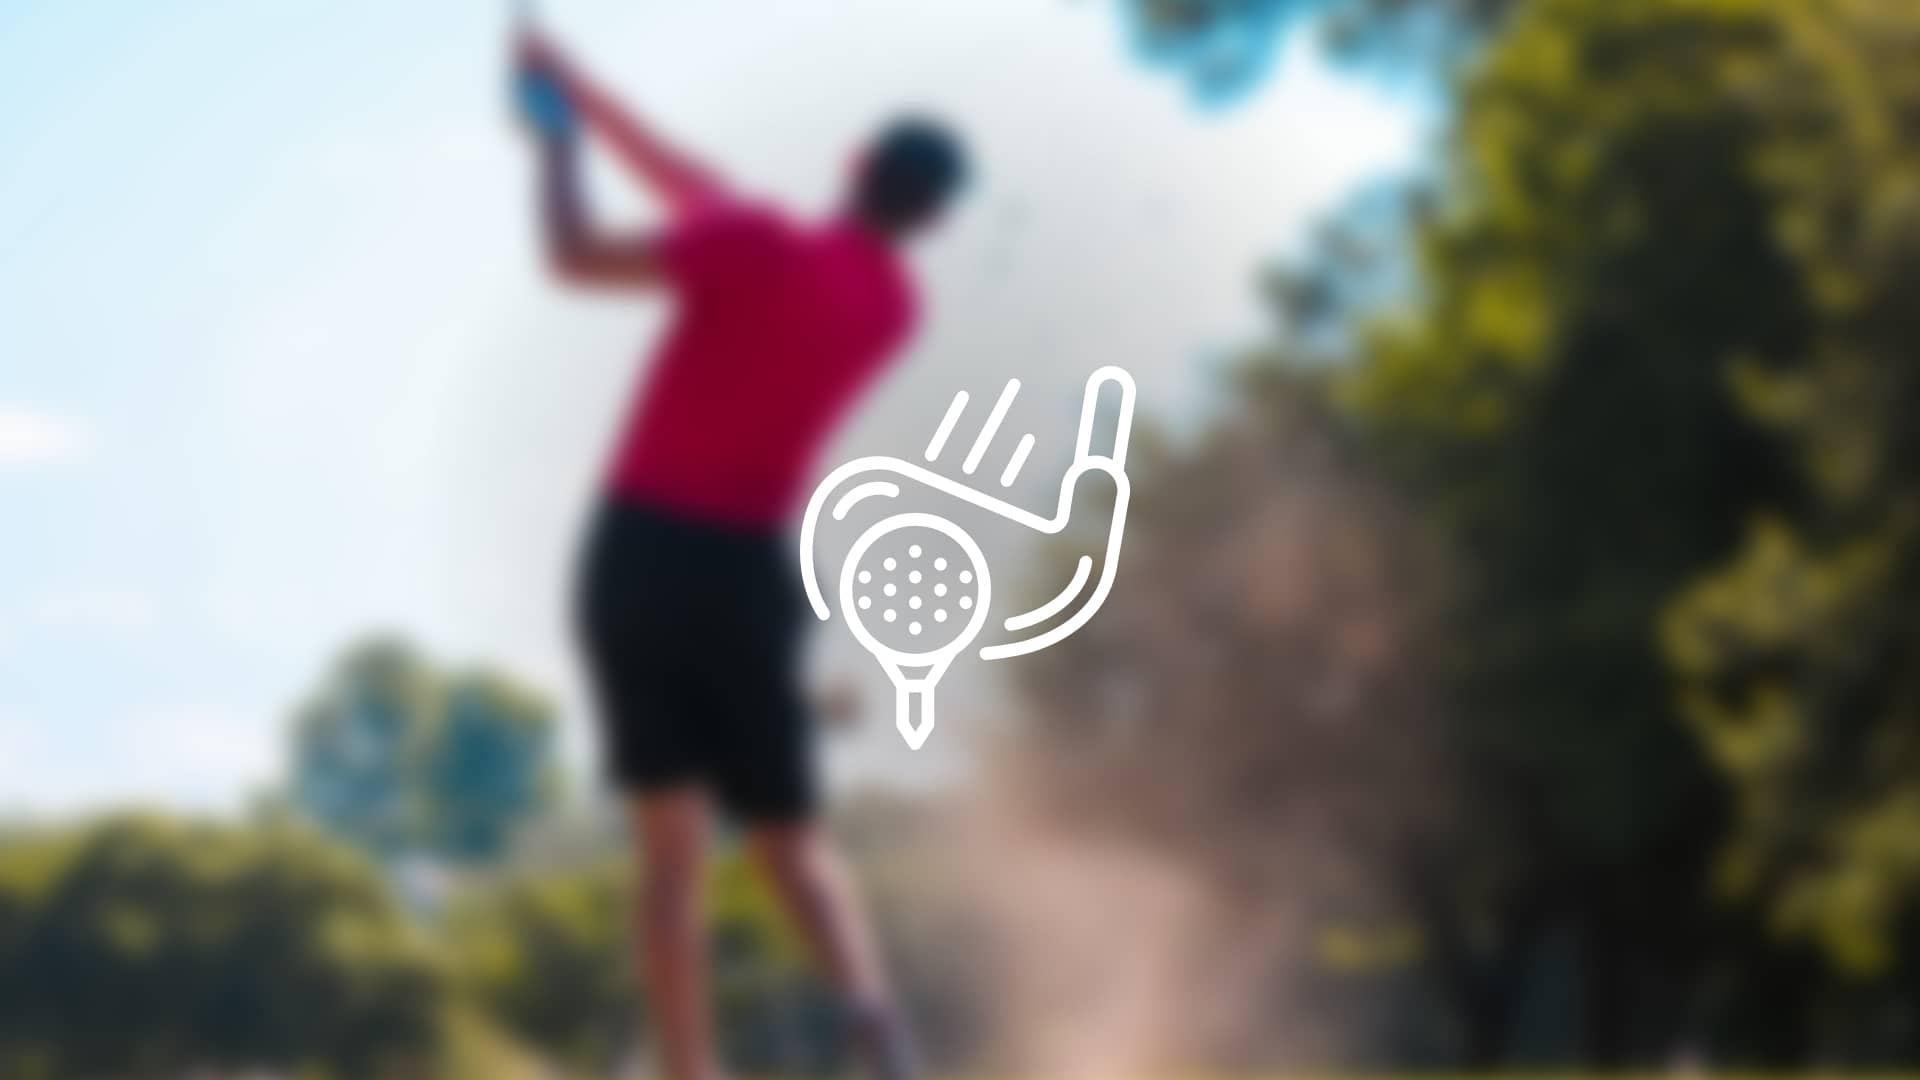 Dónde y cómo ver golf online: opciones de TV y plataformas en España